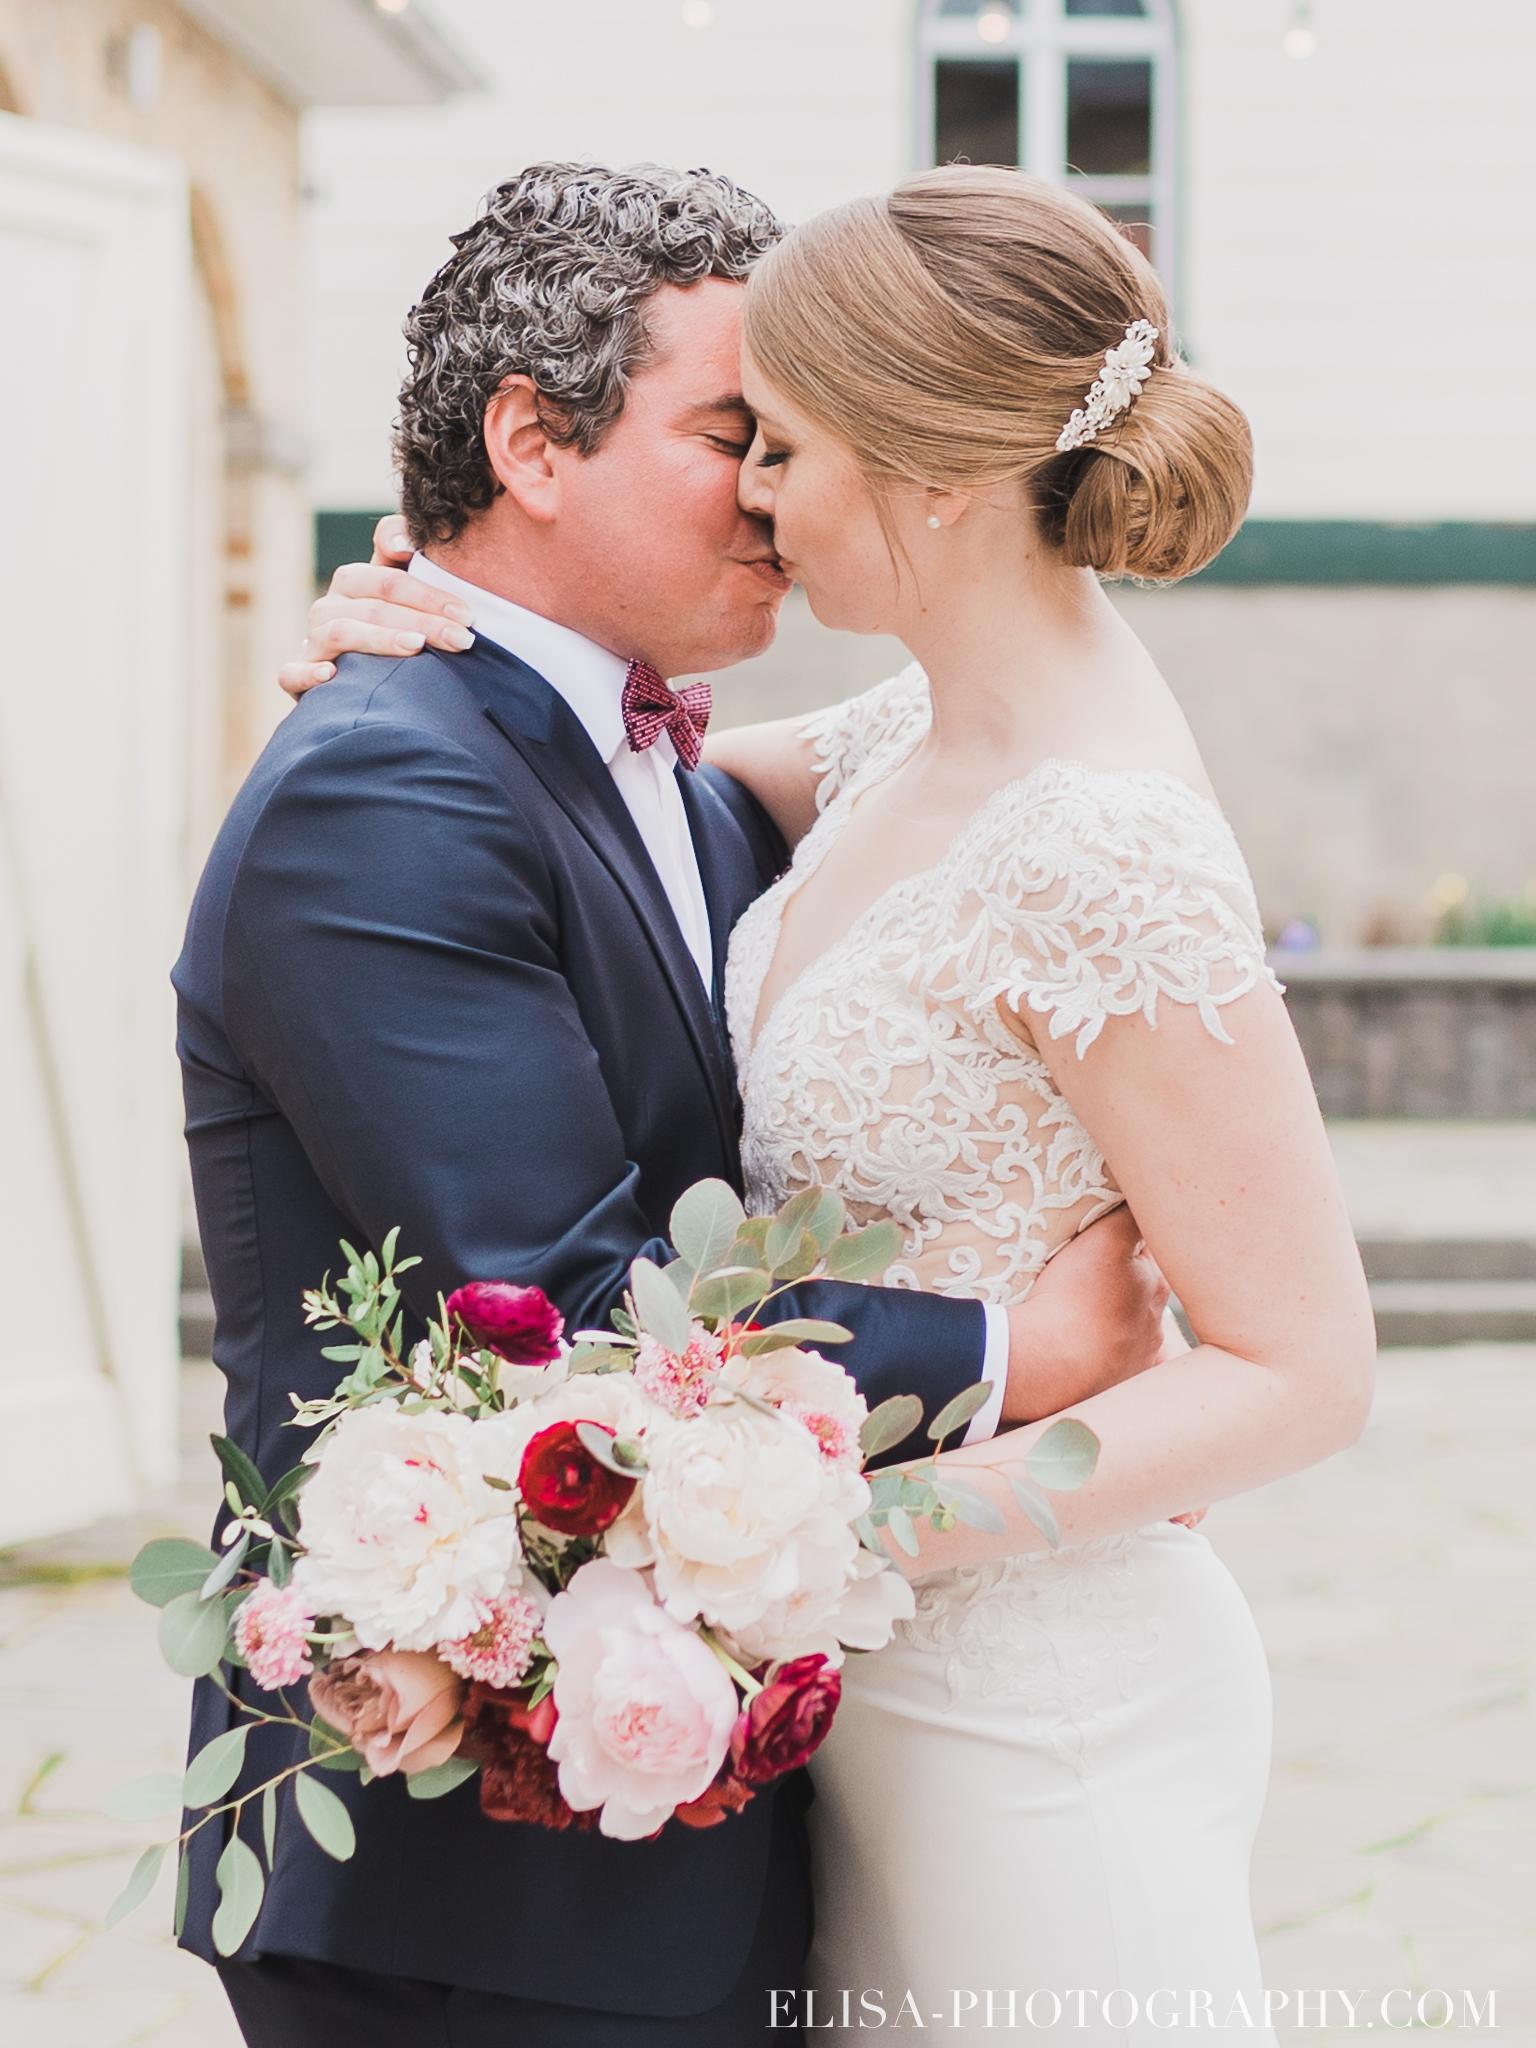 photo mariage quebec domaine cataraqui elisa photographe fleur d europe 9825 - Mariage élégant et discret au coeur du magnifique Domaine Cataraqui, Québec